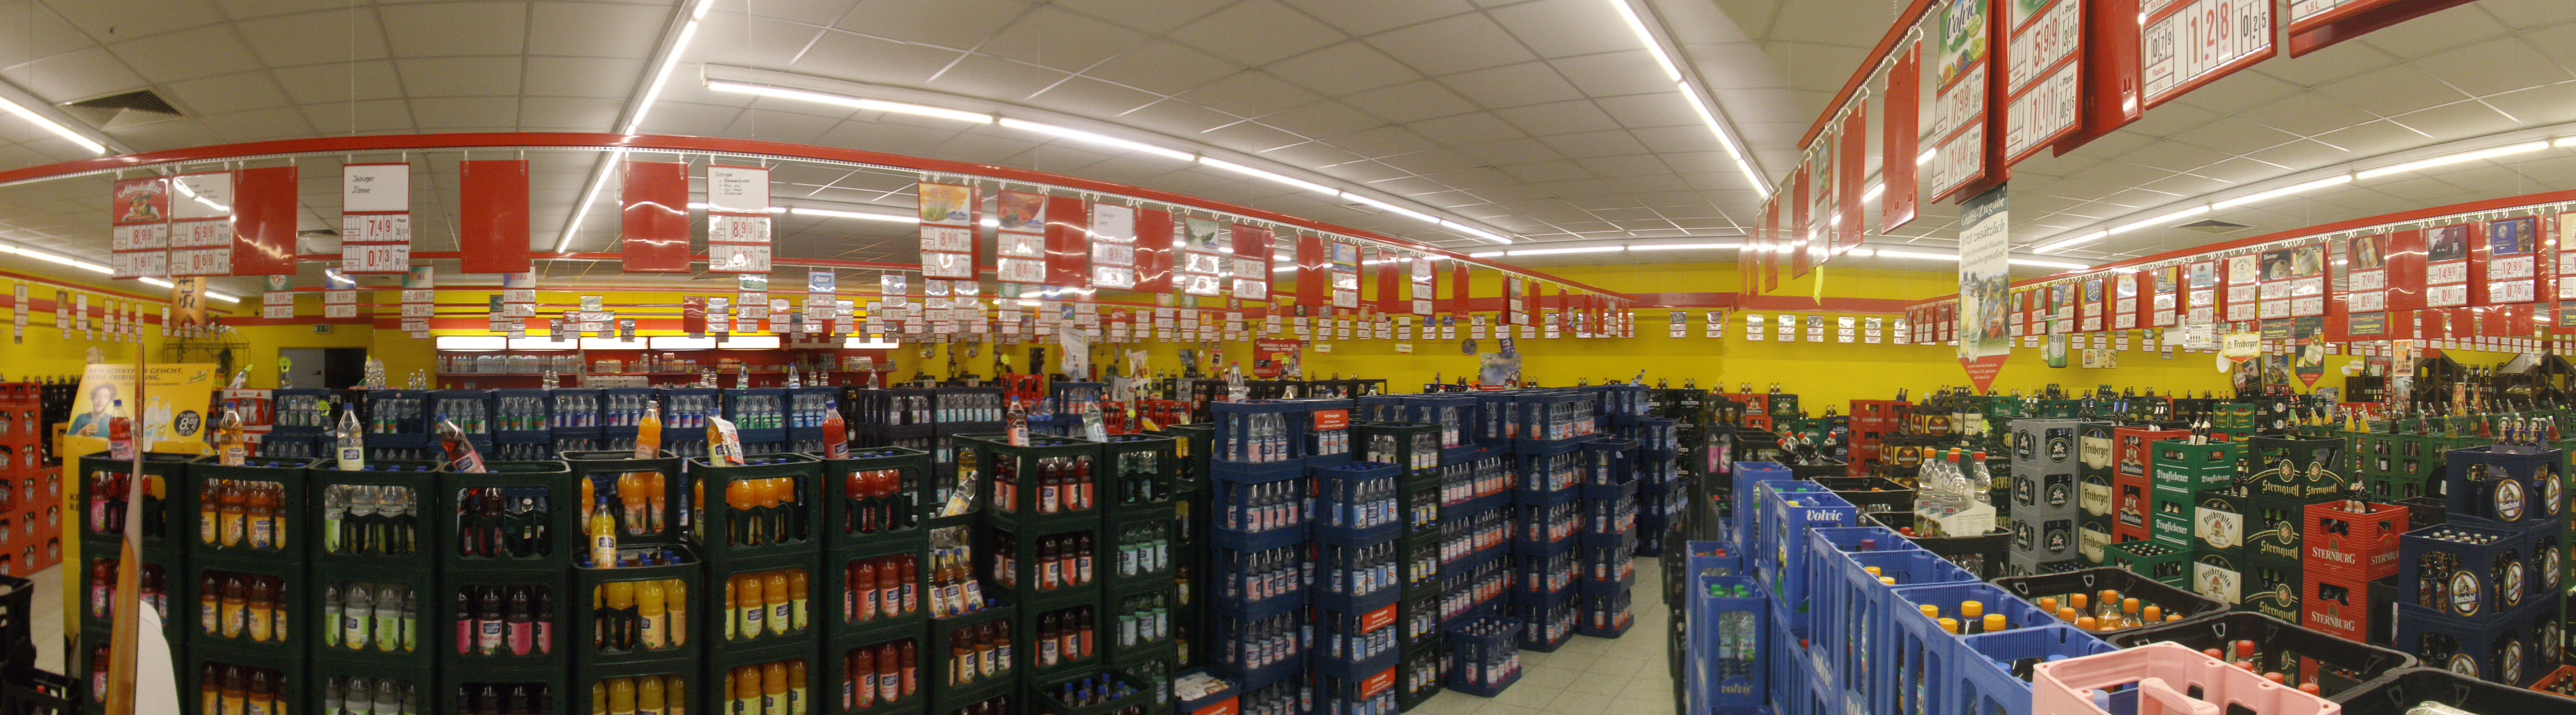 Verkaufsagentur Sachsenland Trinkparadies - Märkte